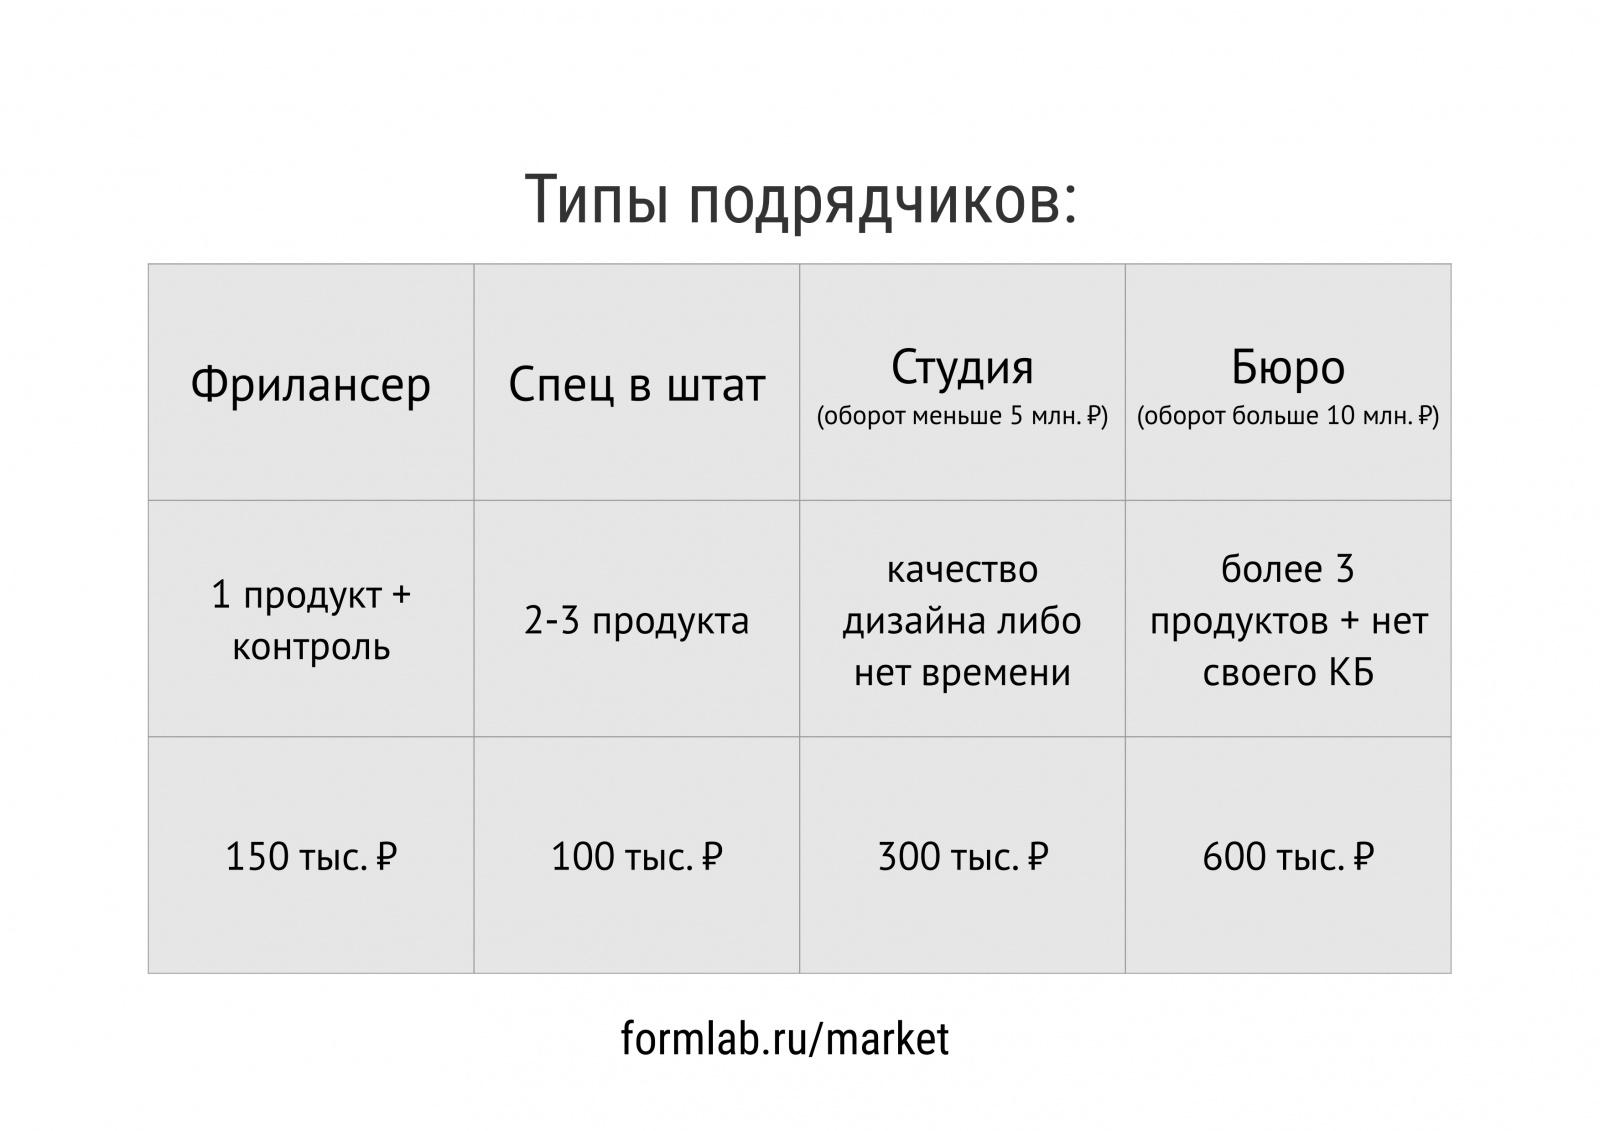 Российское приборостроение: вертели мы ваш дизайн на пальцах - 16